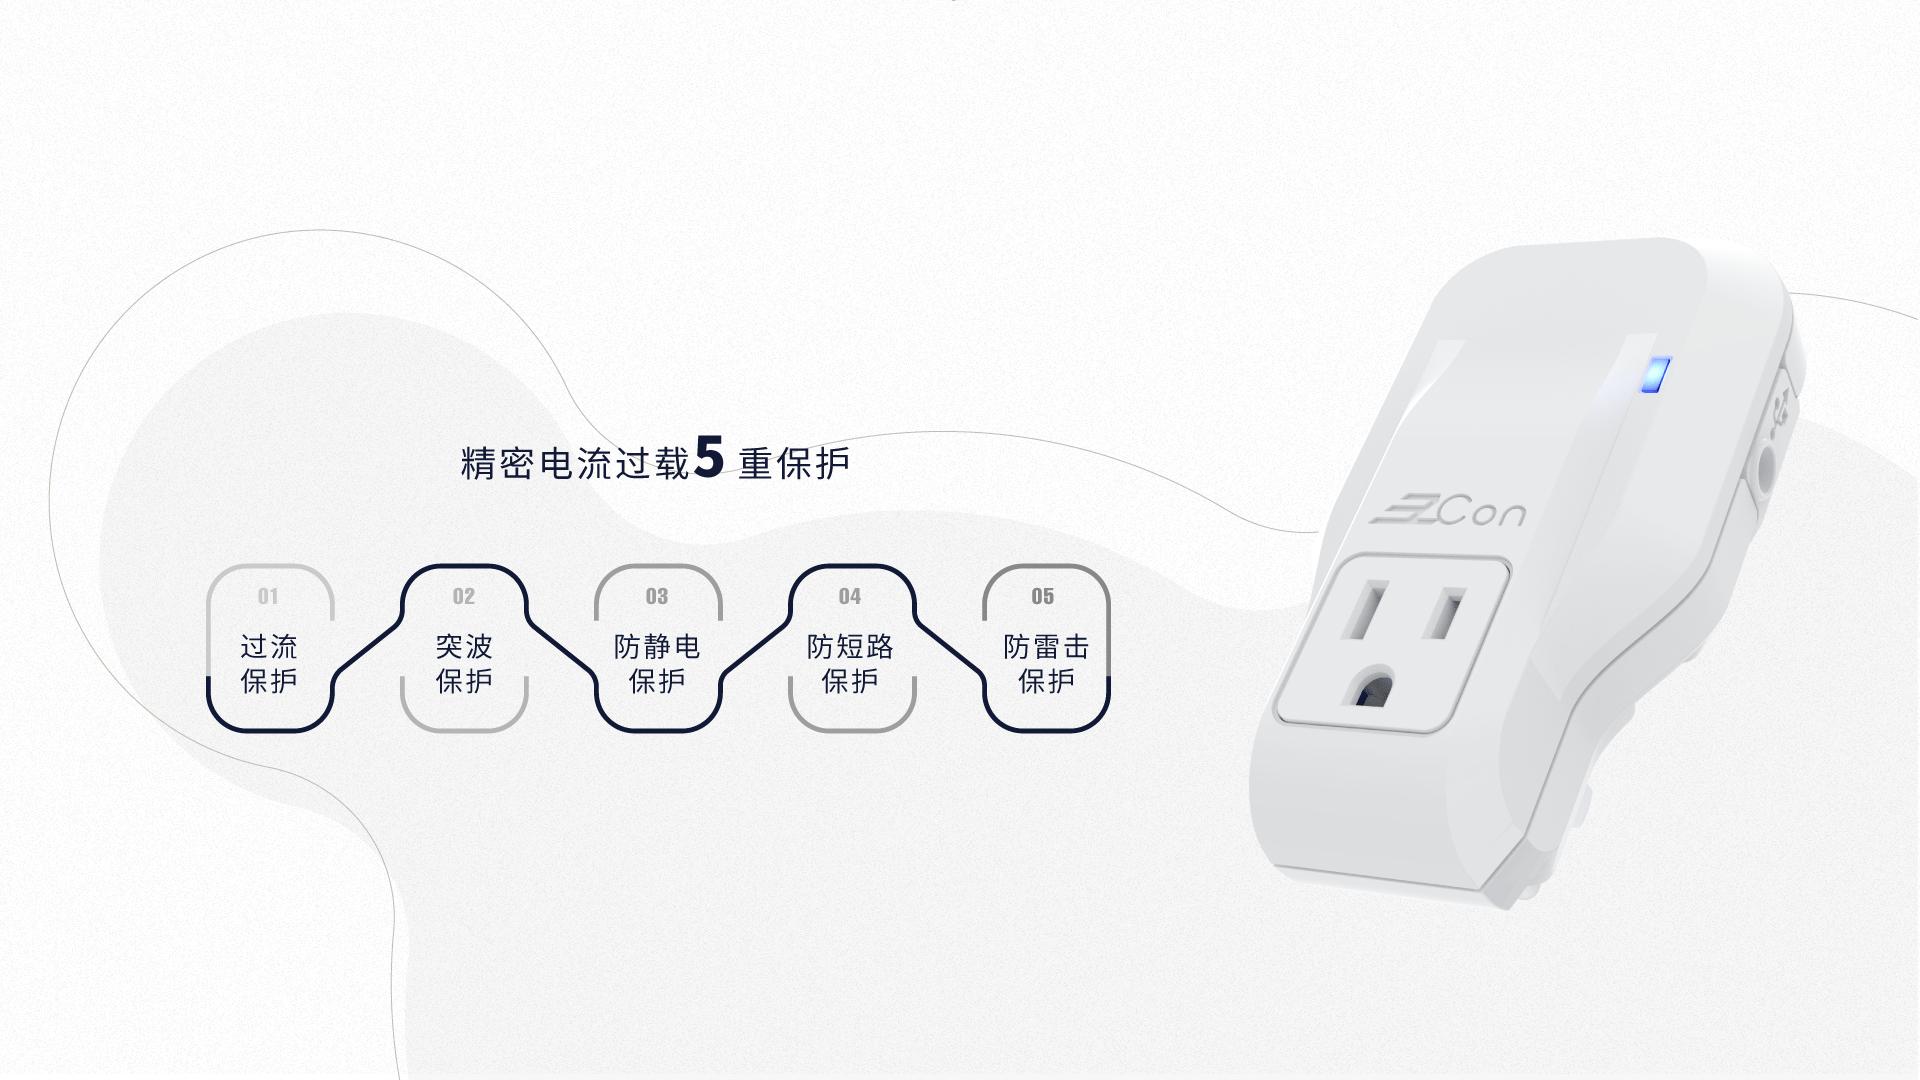 15A转接插座具有调光功能,可调整电源三段功率,达成灯具调光、风扇风速调整。